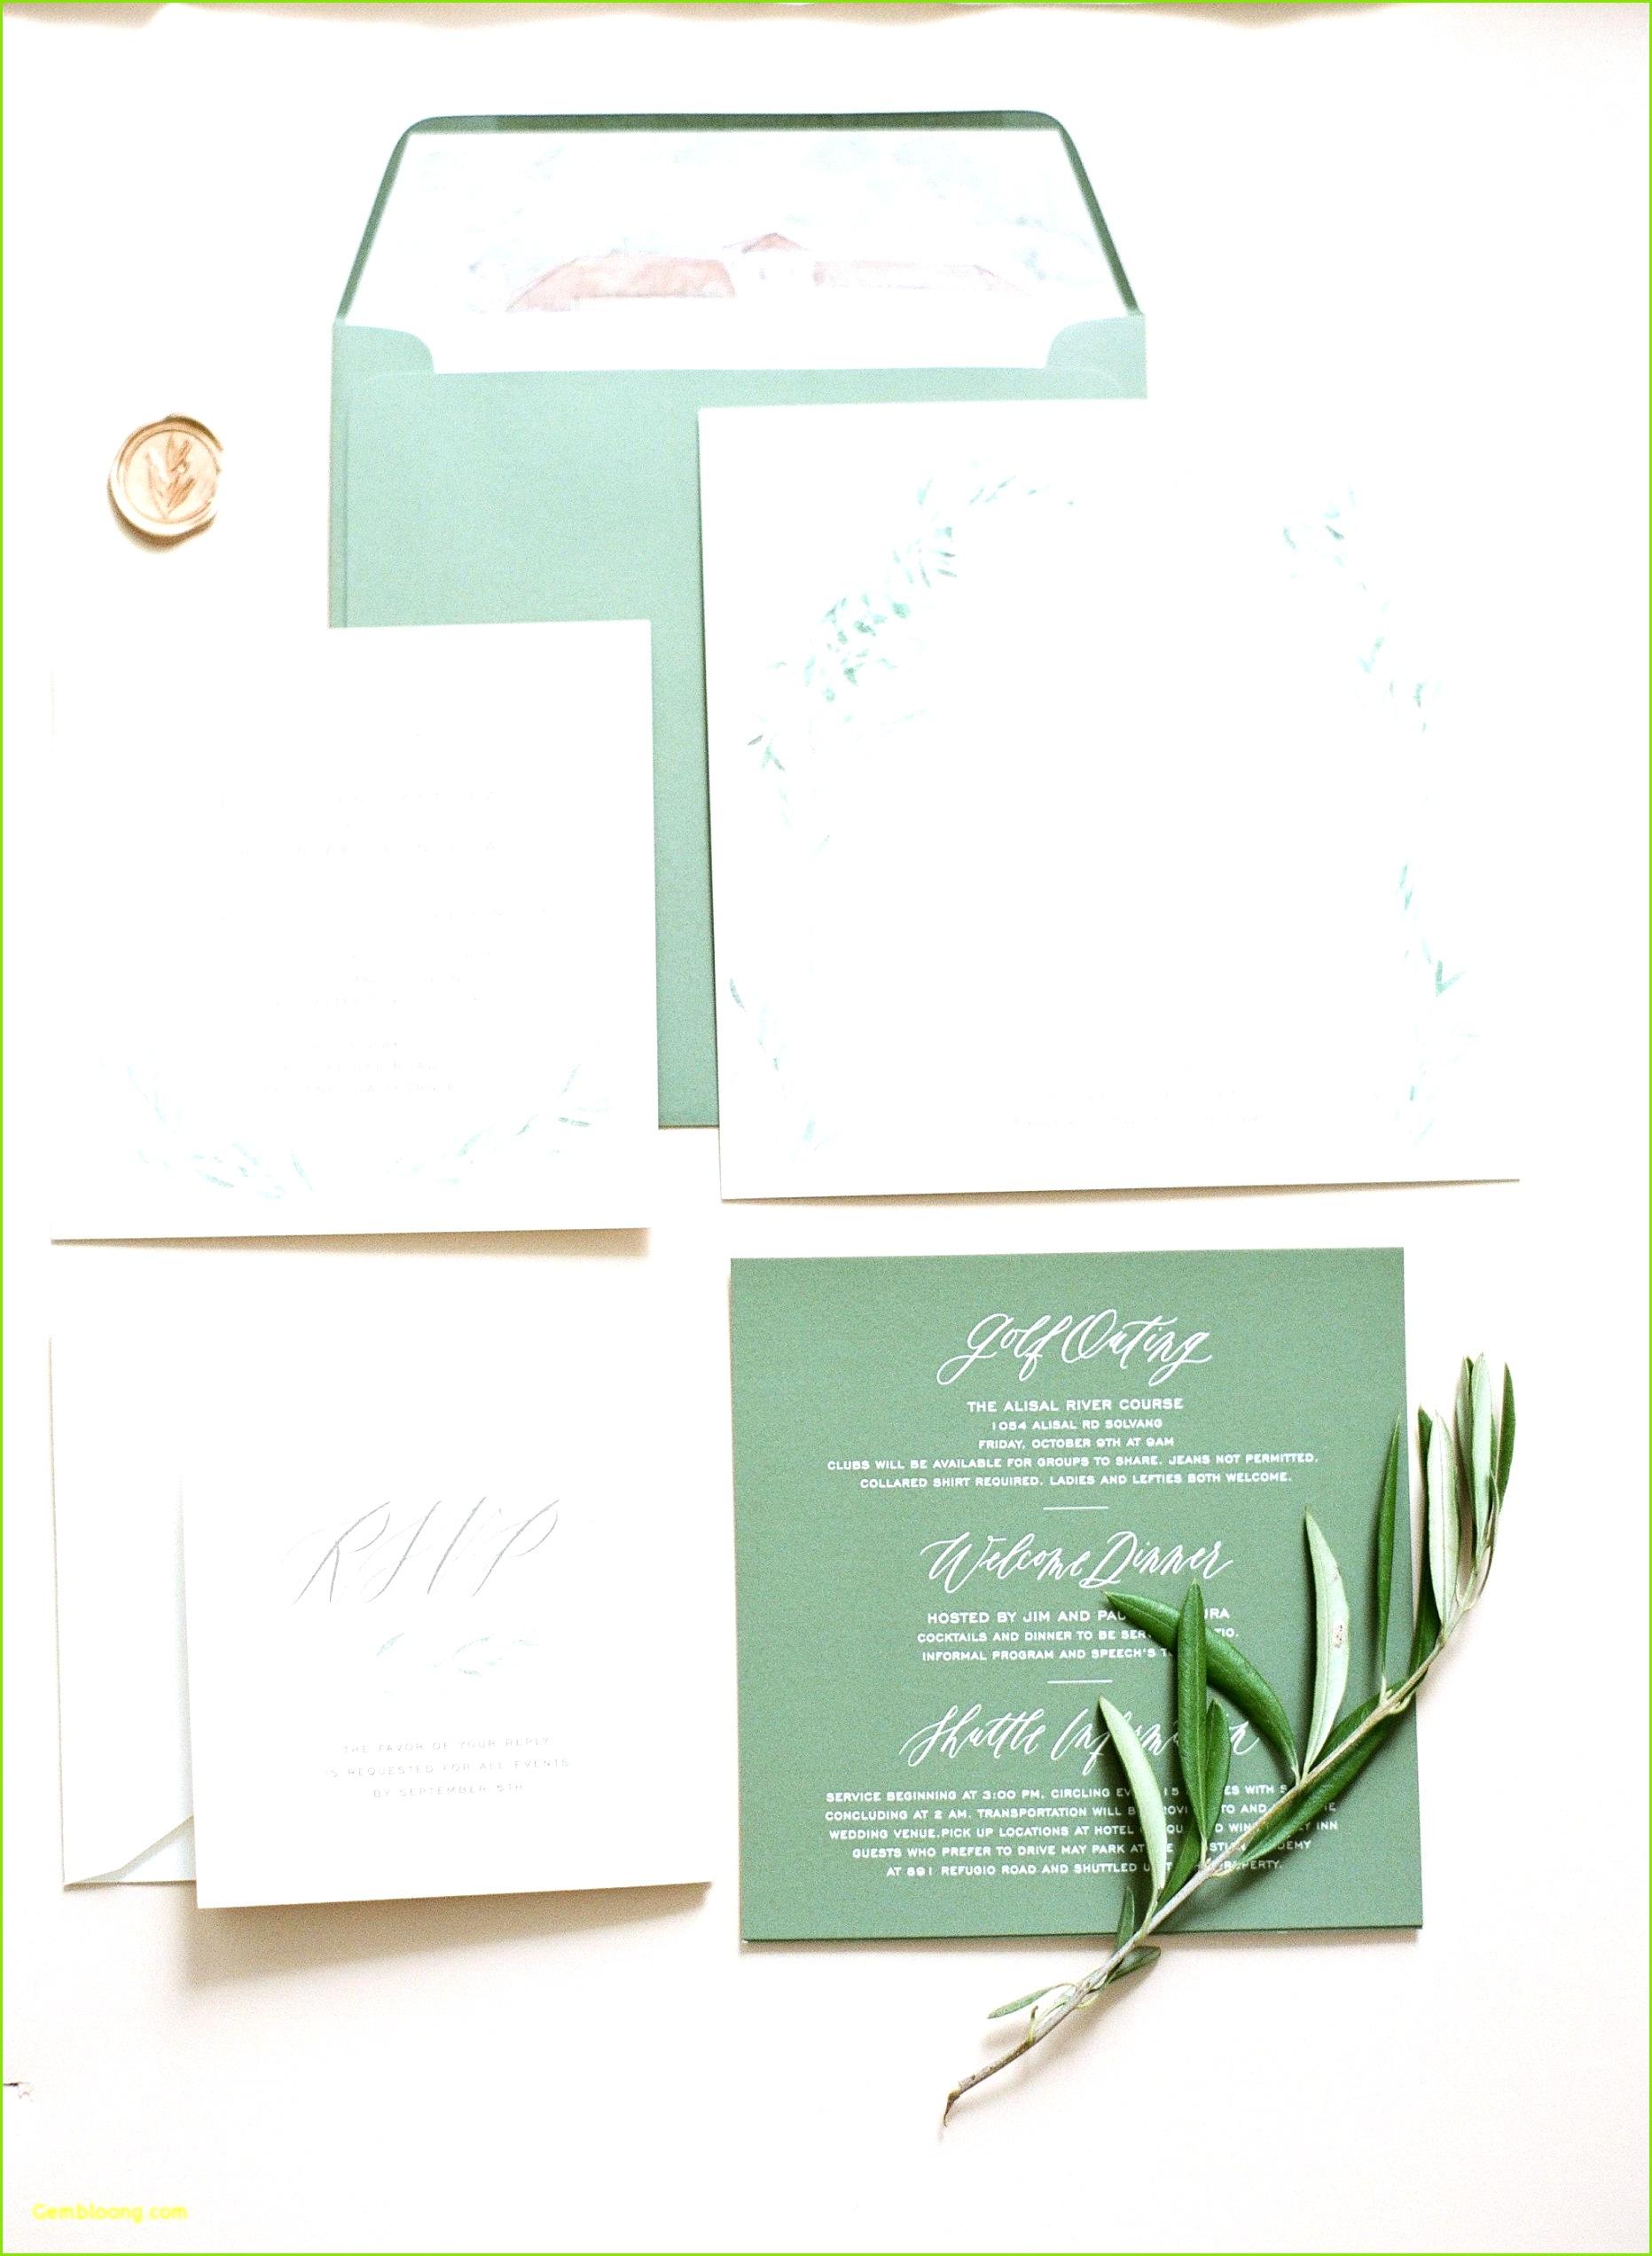 Einladungskarten Postkarte Einladungskarten Hochzeit Postkarte einladungskarten postkarte 0D